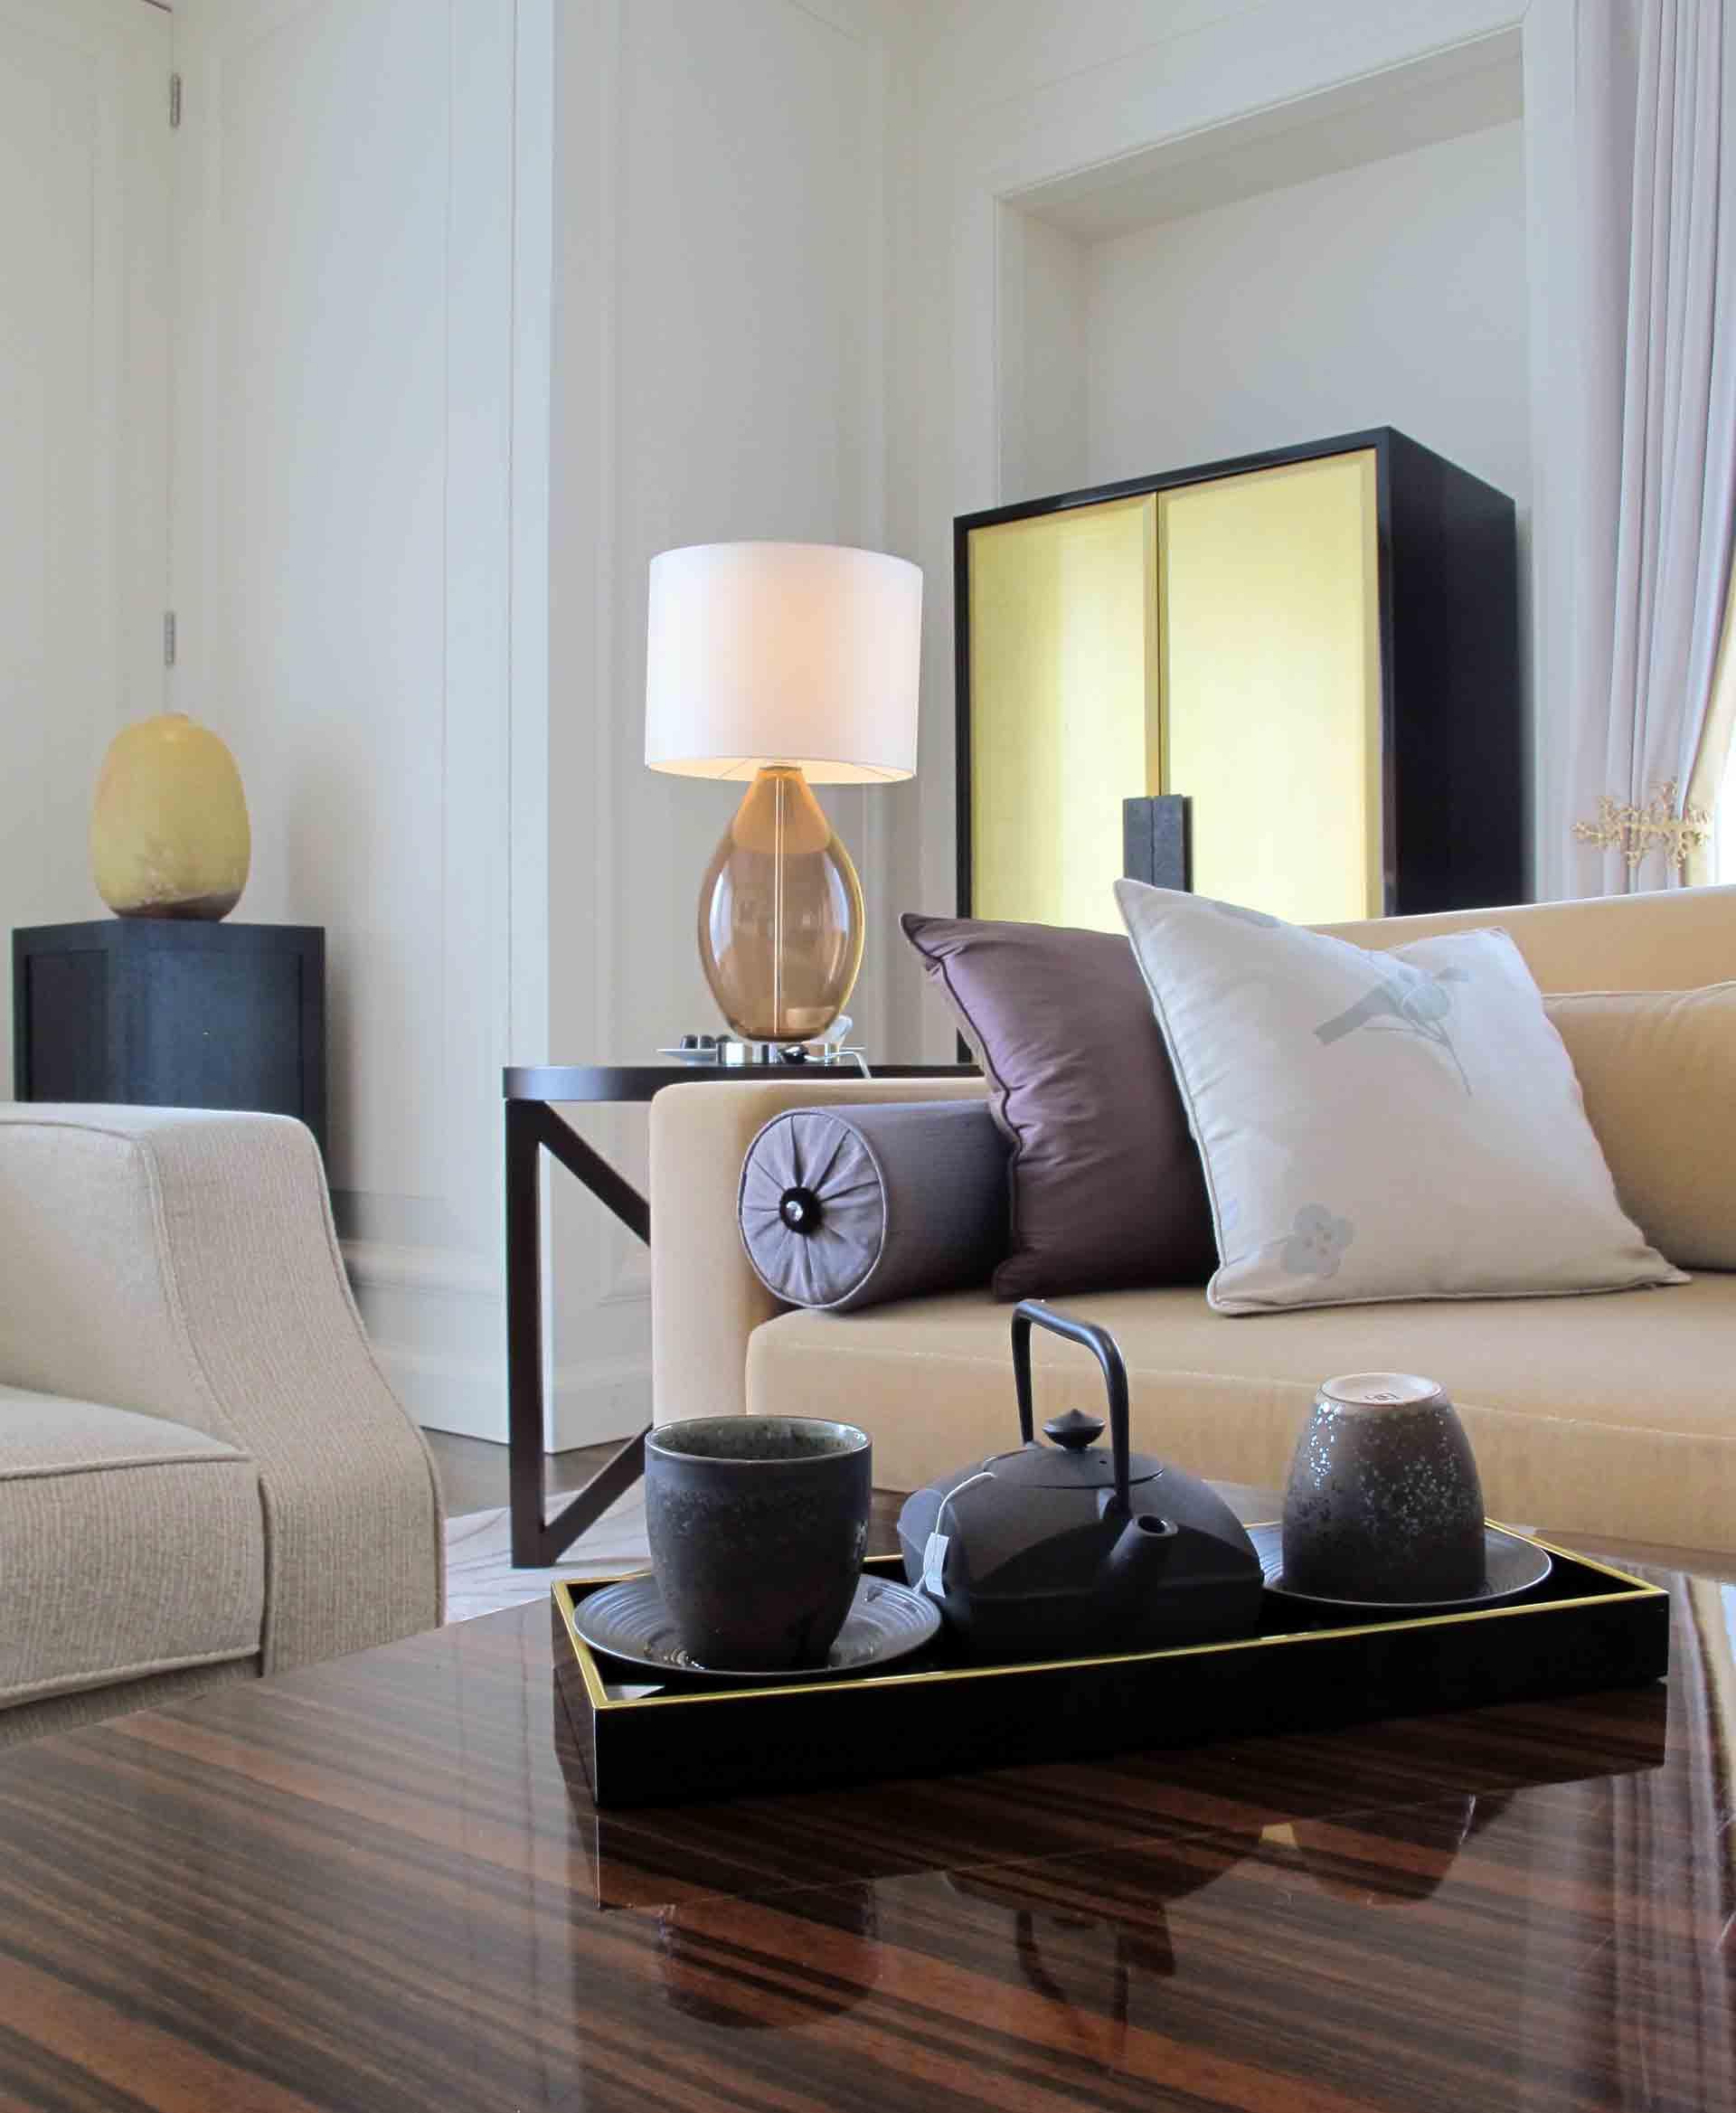 Osaka---St-Regis-Royal-Suite-details